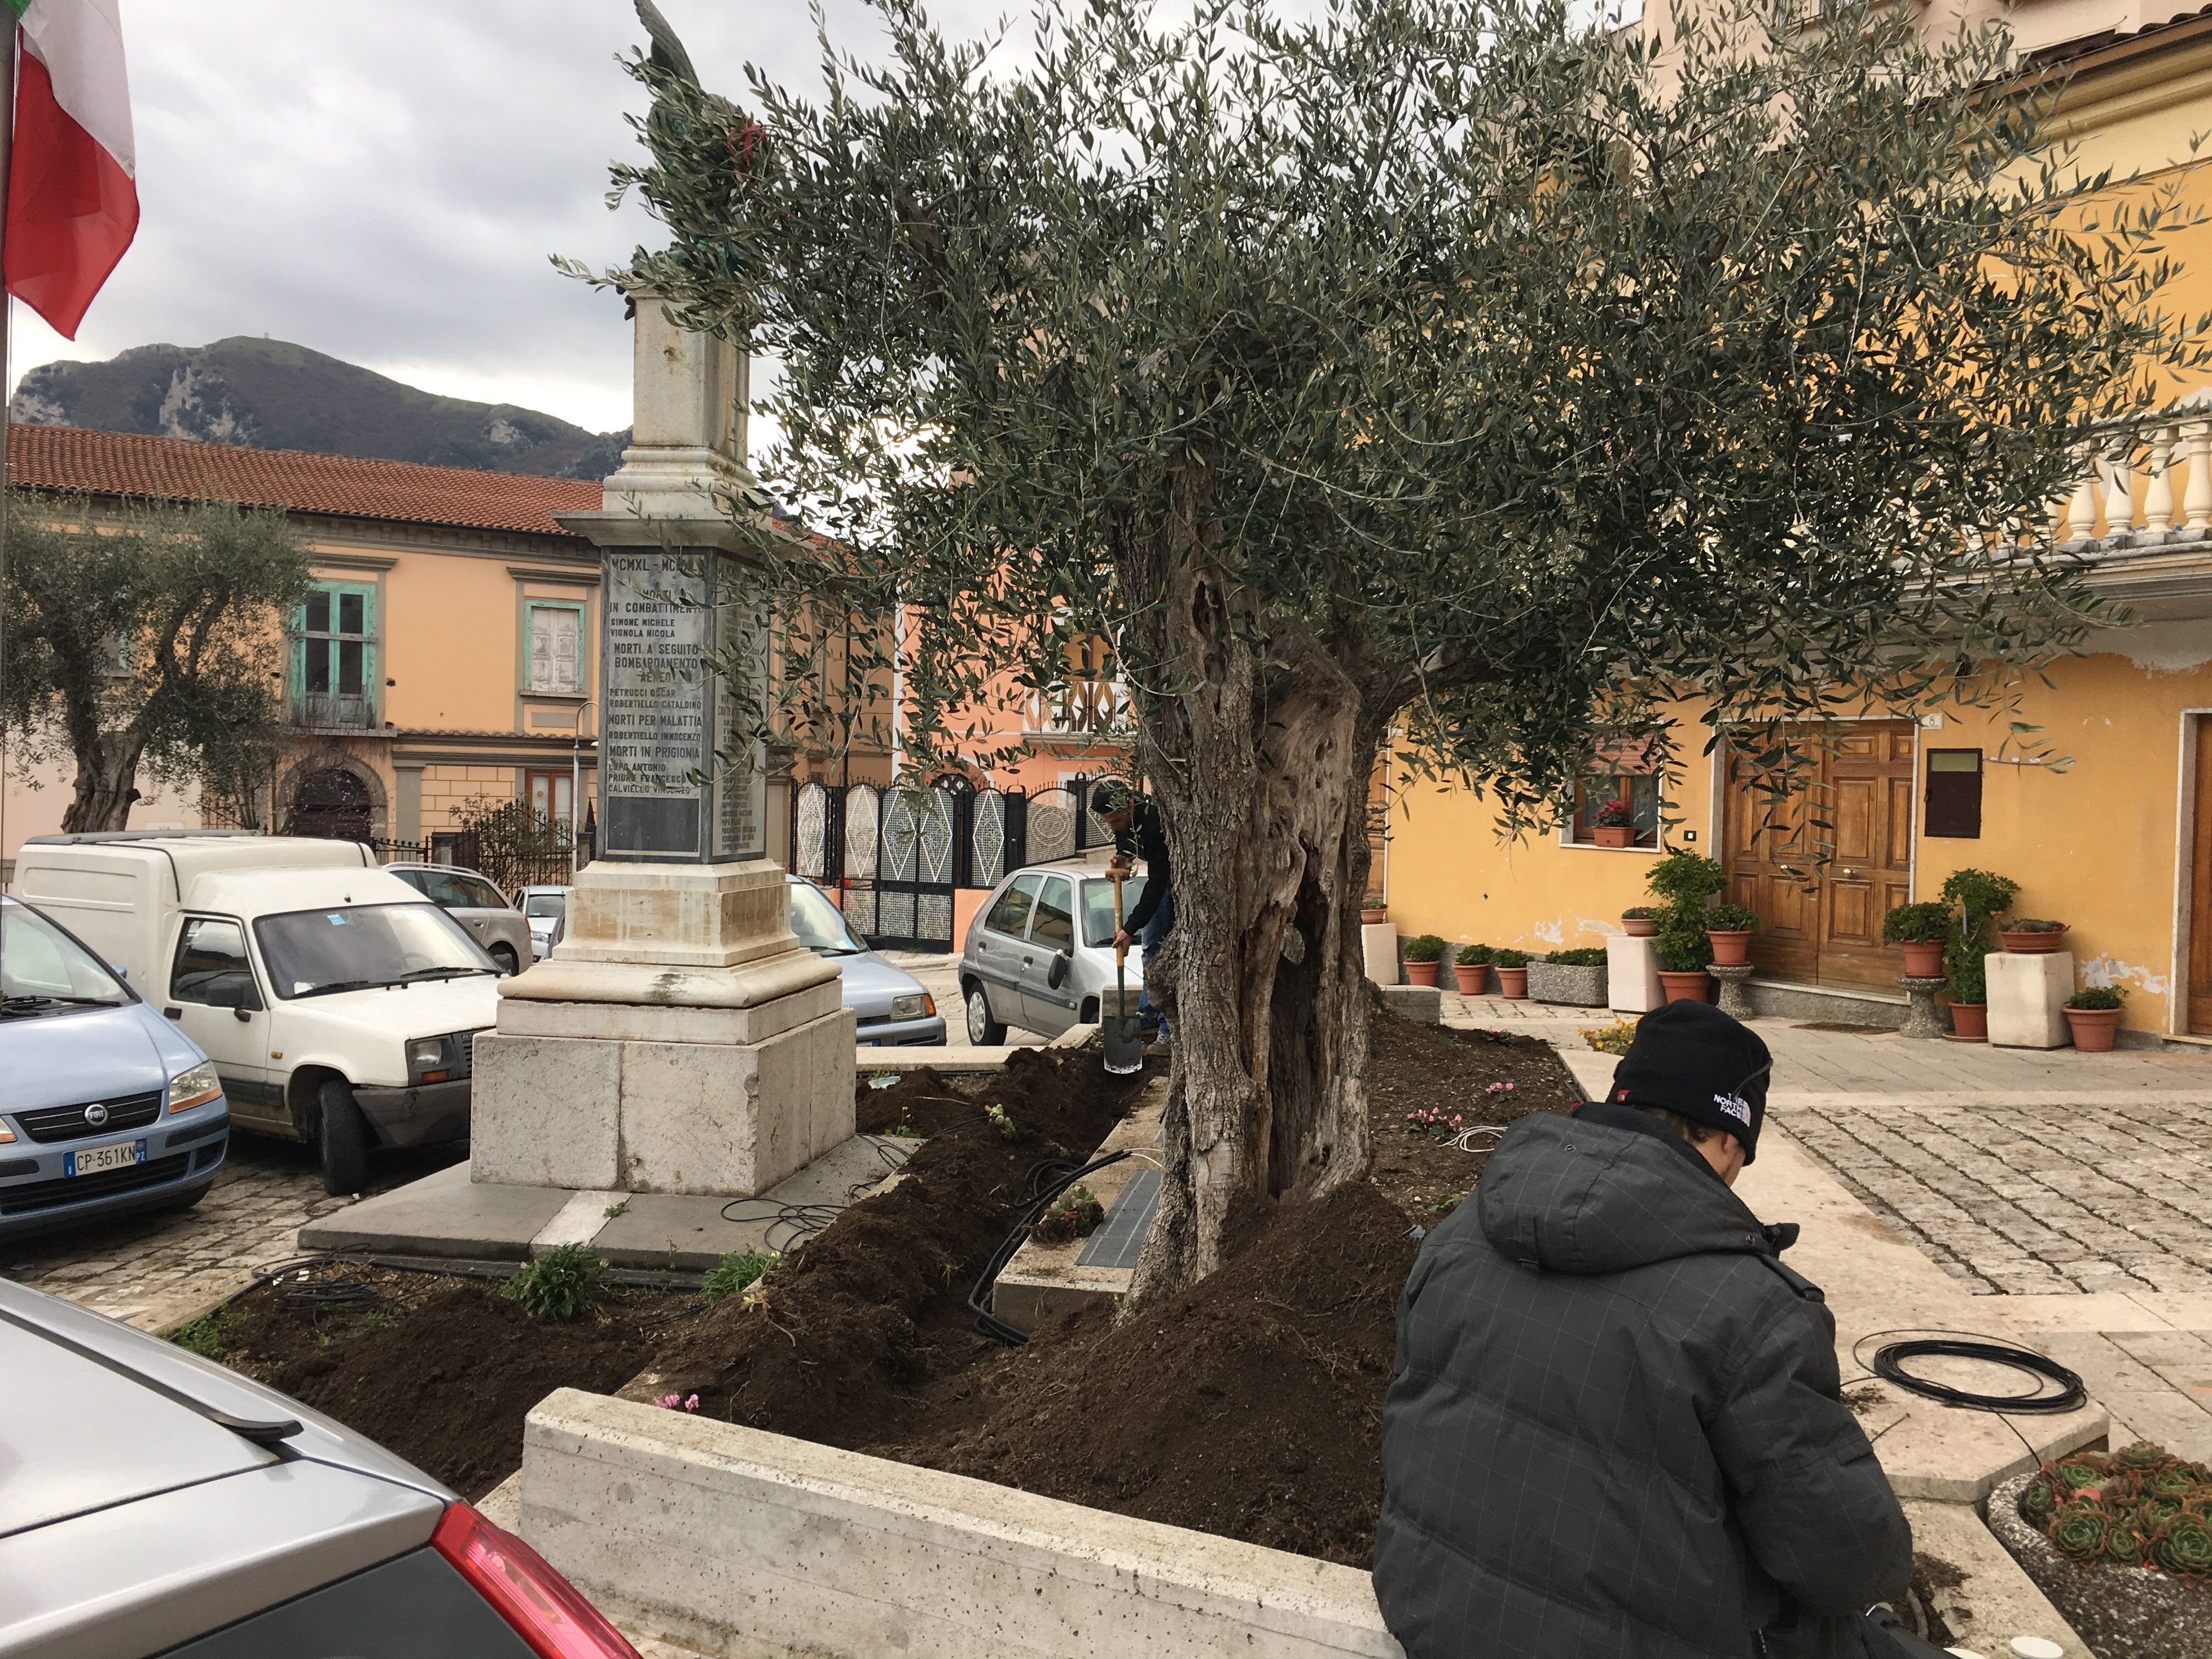 Luci per olivo: nuove luci accese al pionta e 29 telecamere